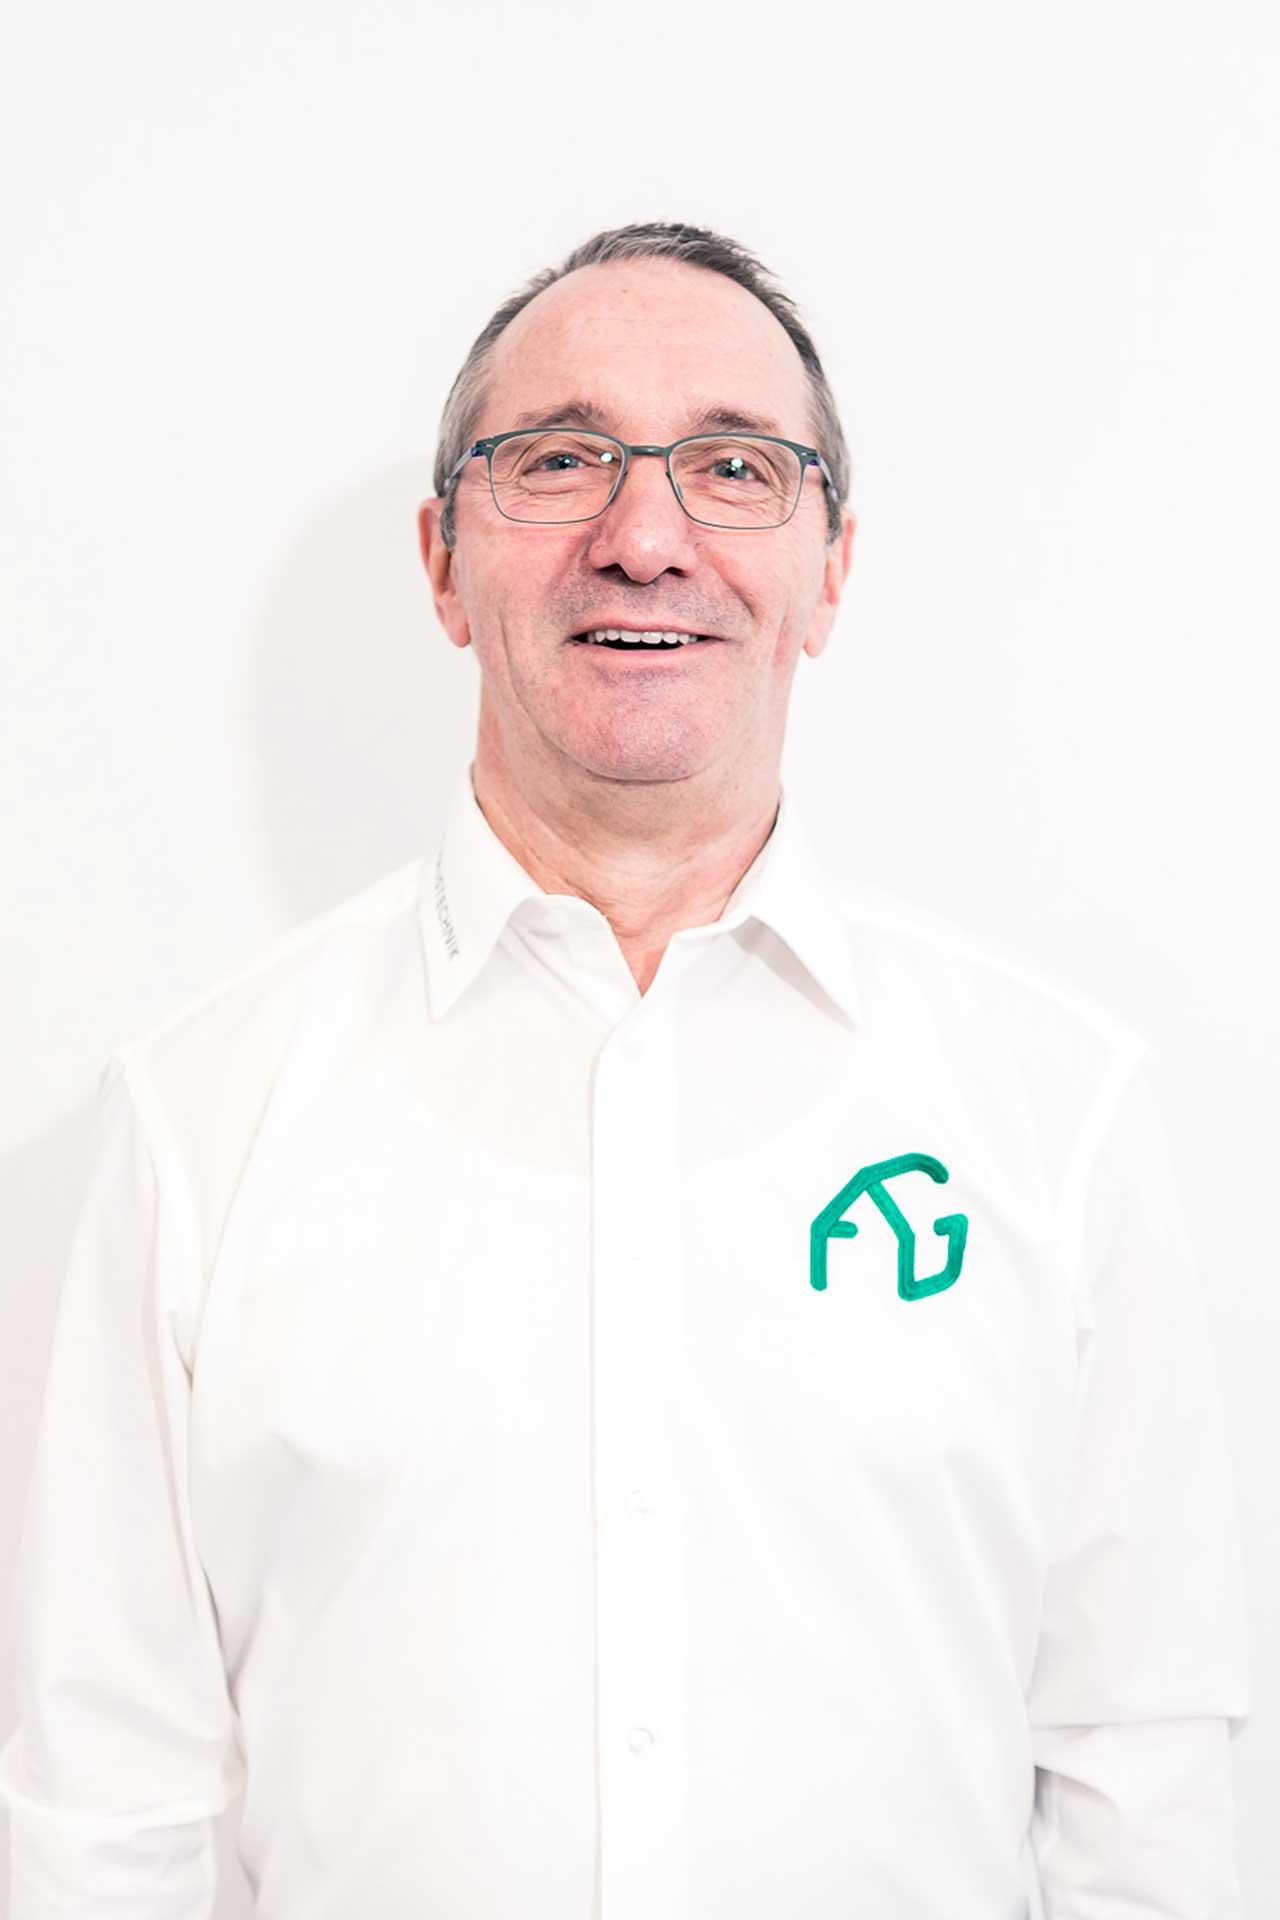 Hartmut Merkel